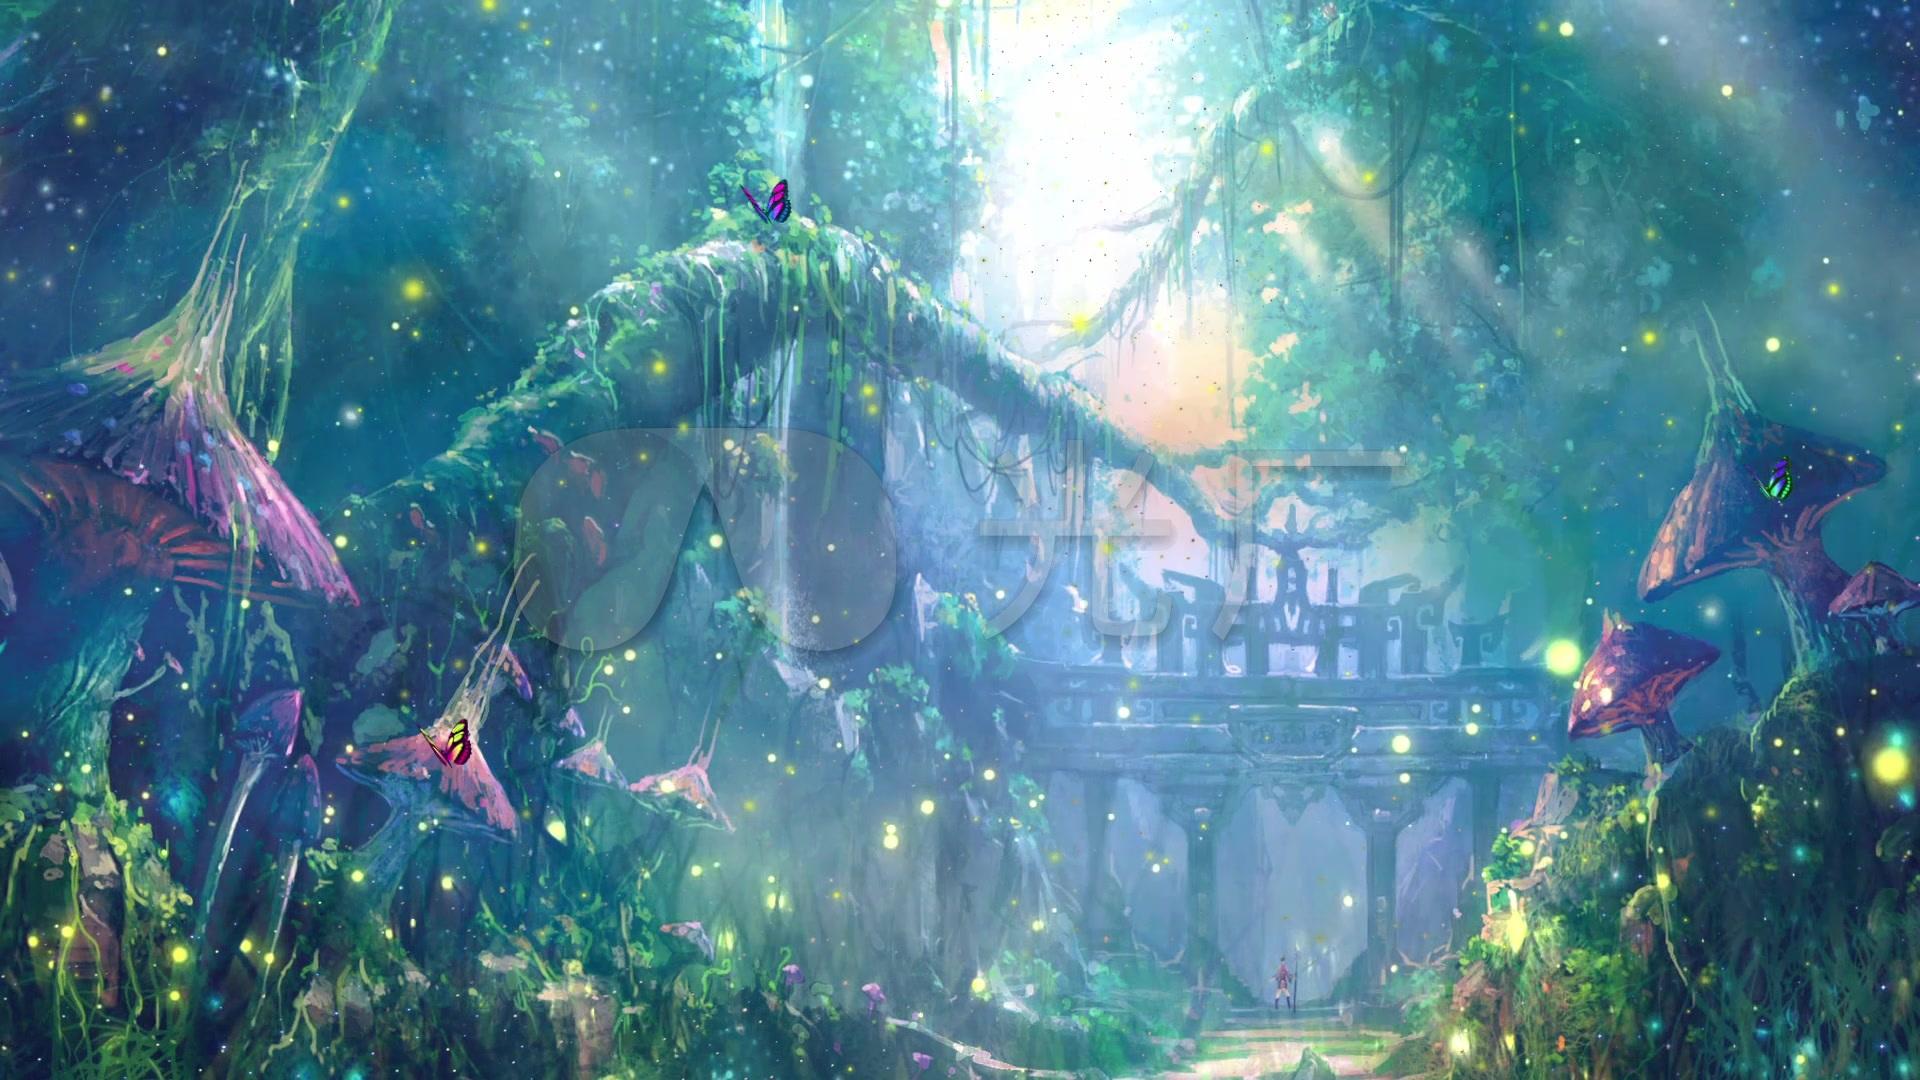 唯美梦幻仙境森林童话萤火虫led背景视频图片